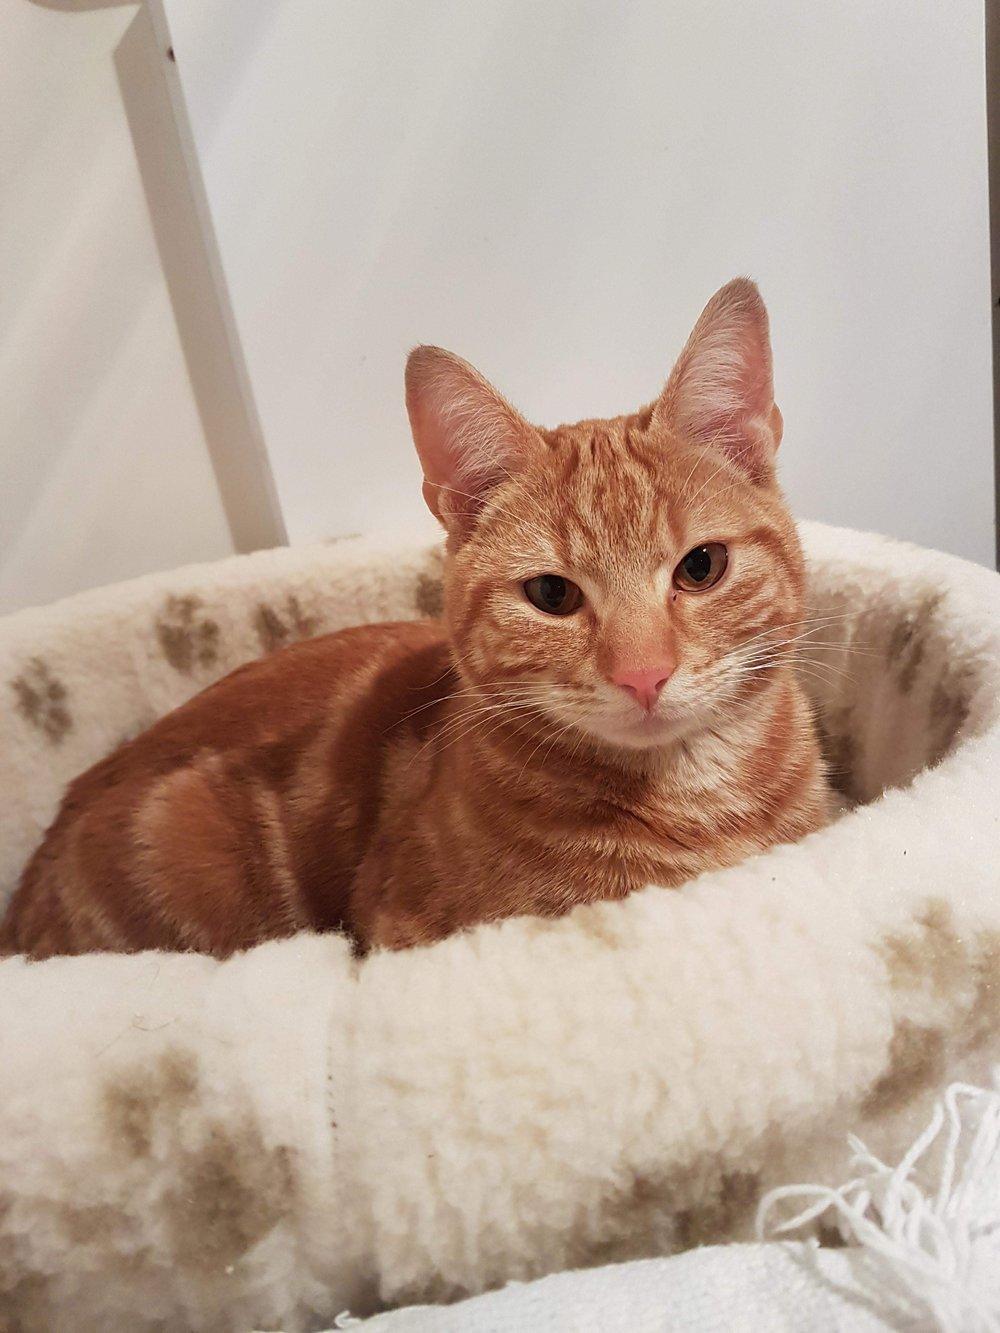 Jasper - Adopted March 18